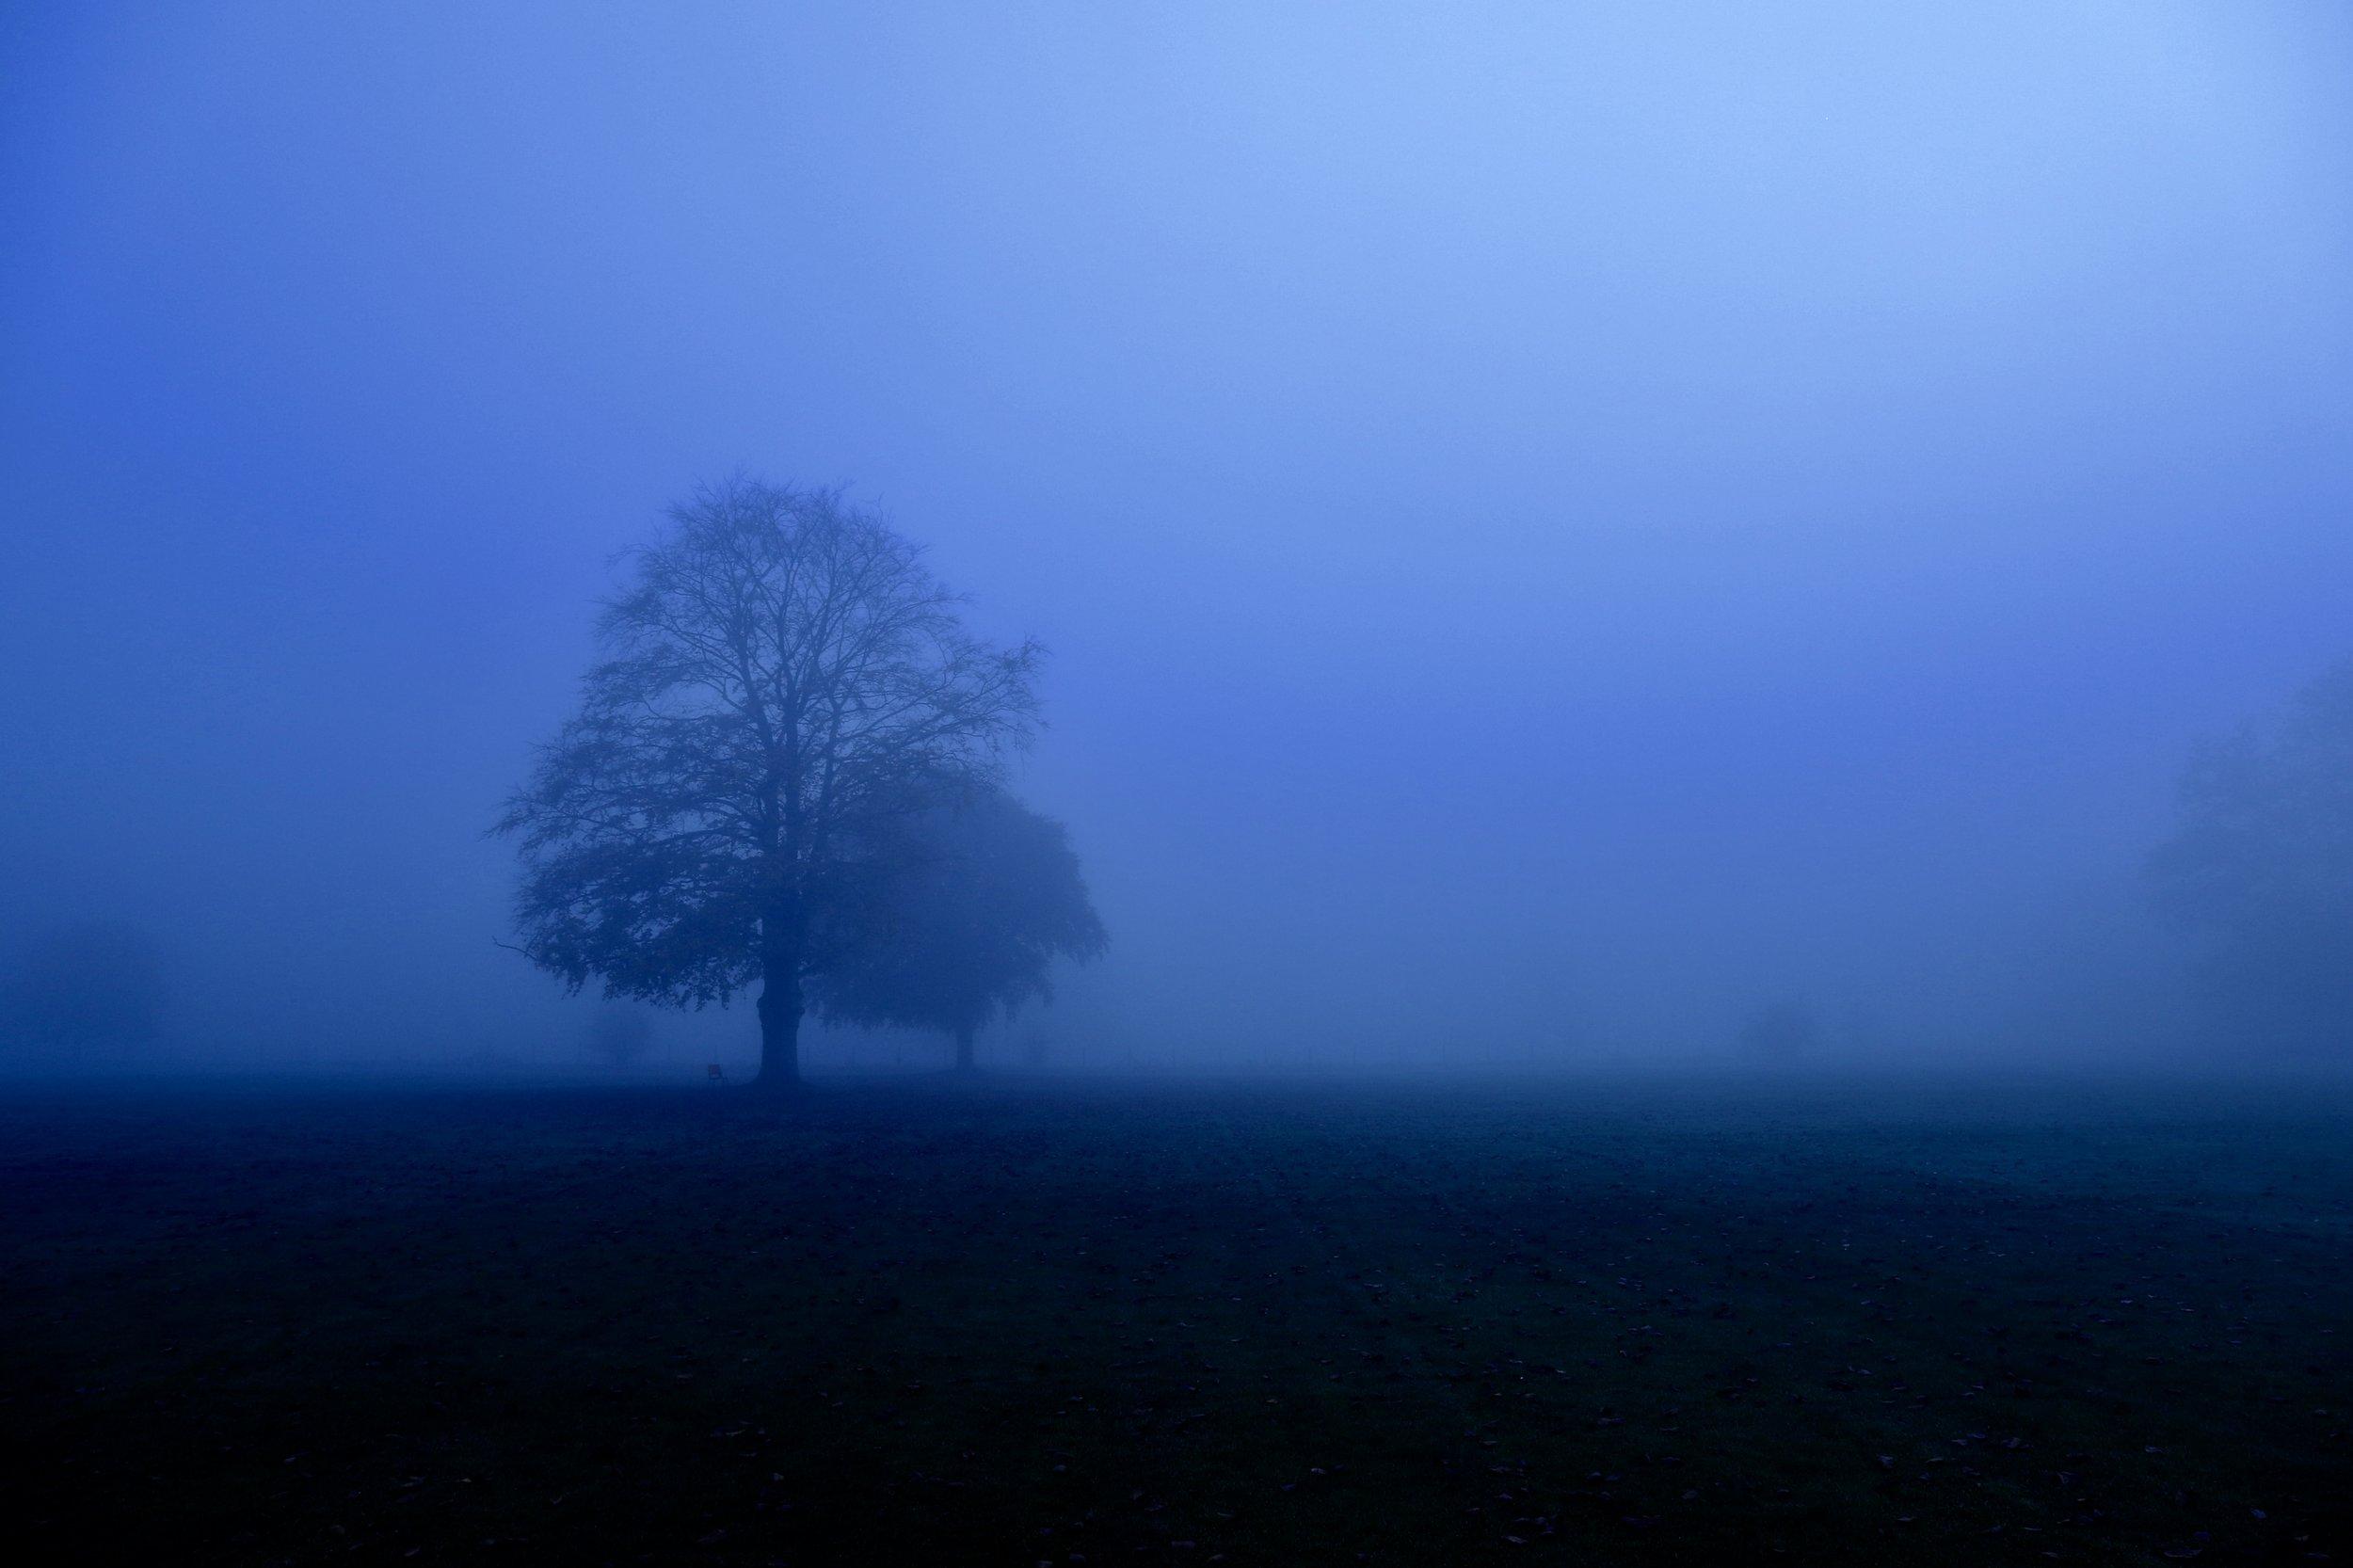 Buckinghamshire, UK.